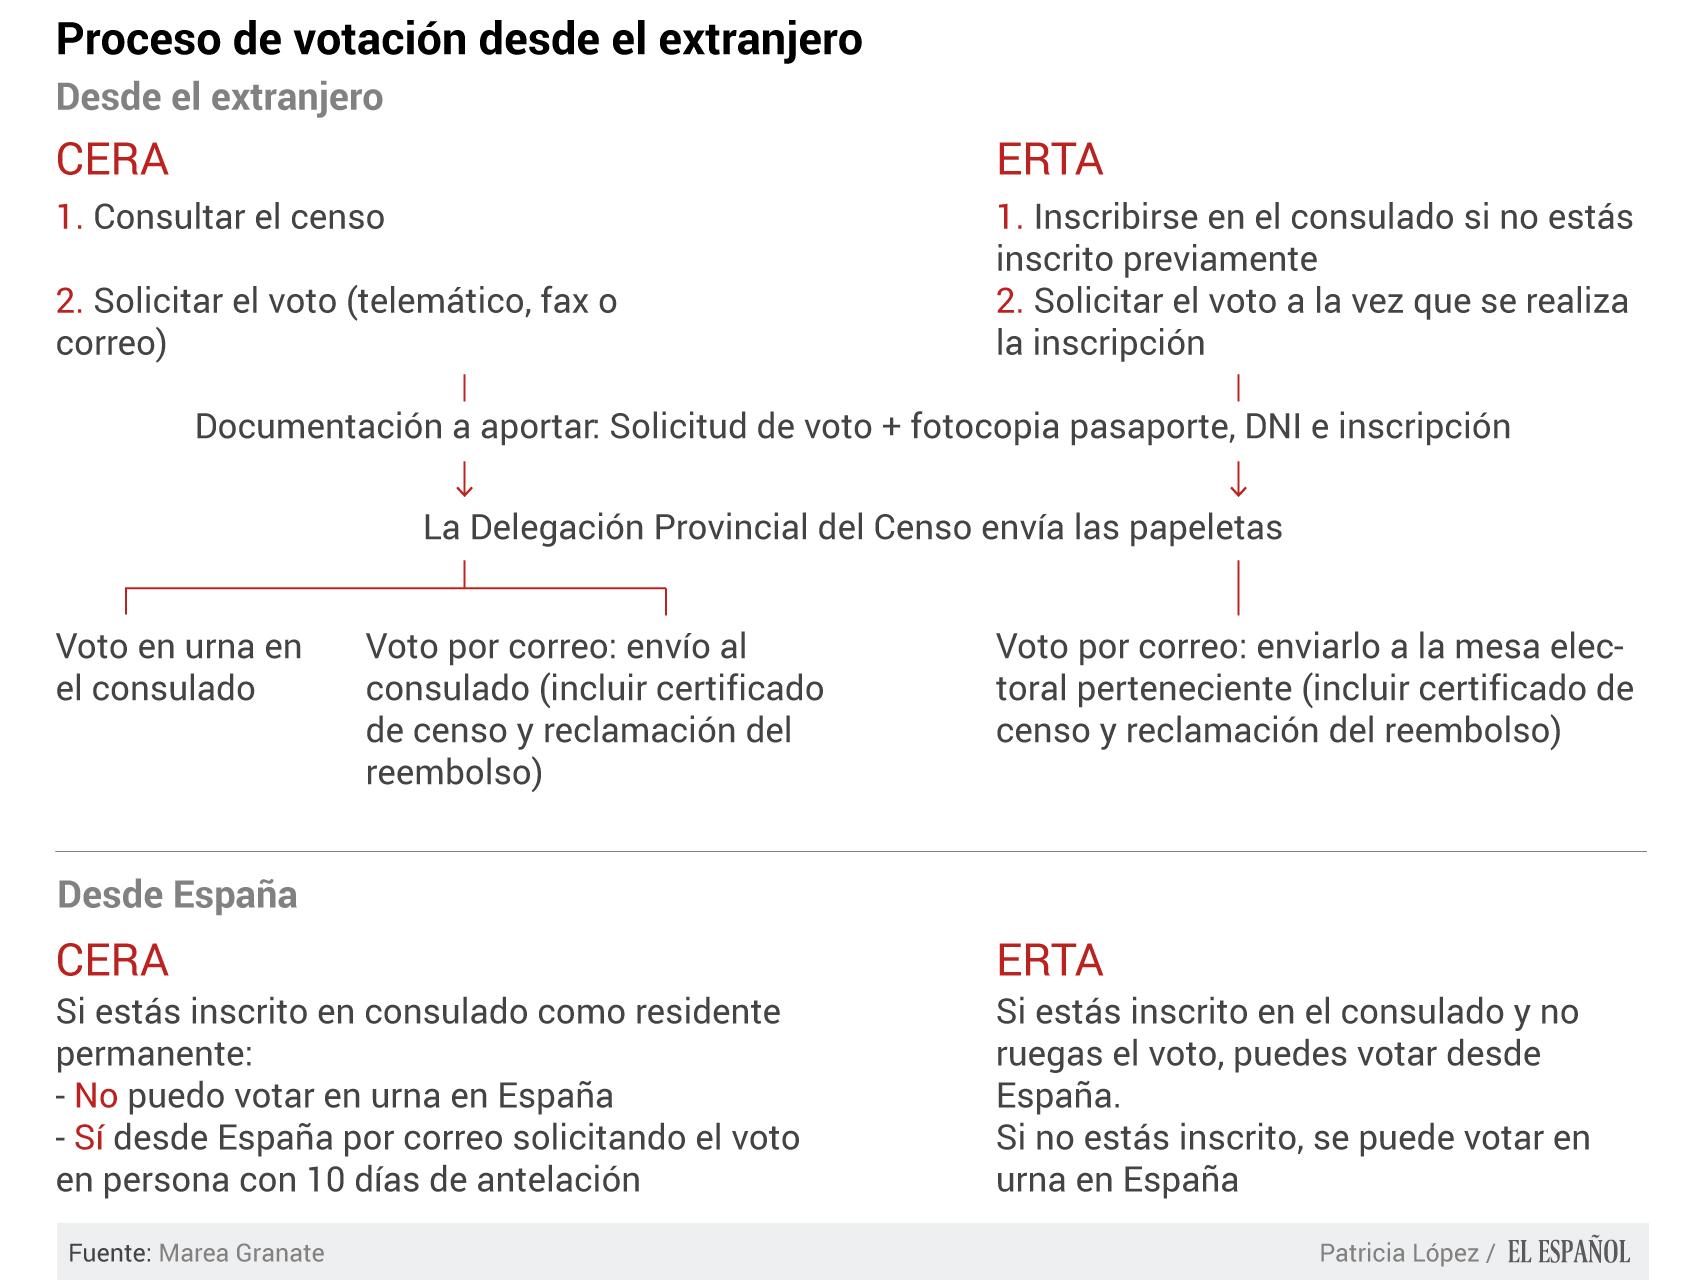 Elecciones generales 2015 s lo el 7 6 de los espa oles for Oficina del censo electoral madrid